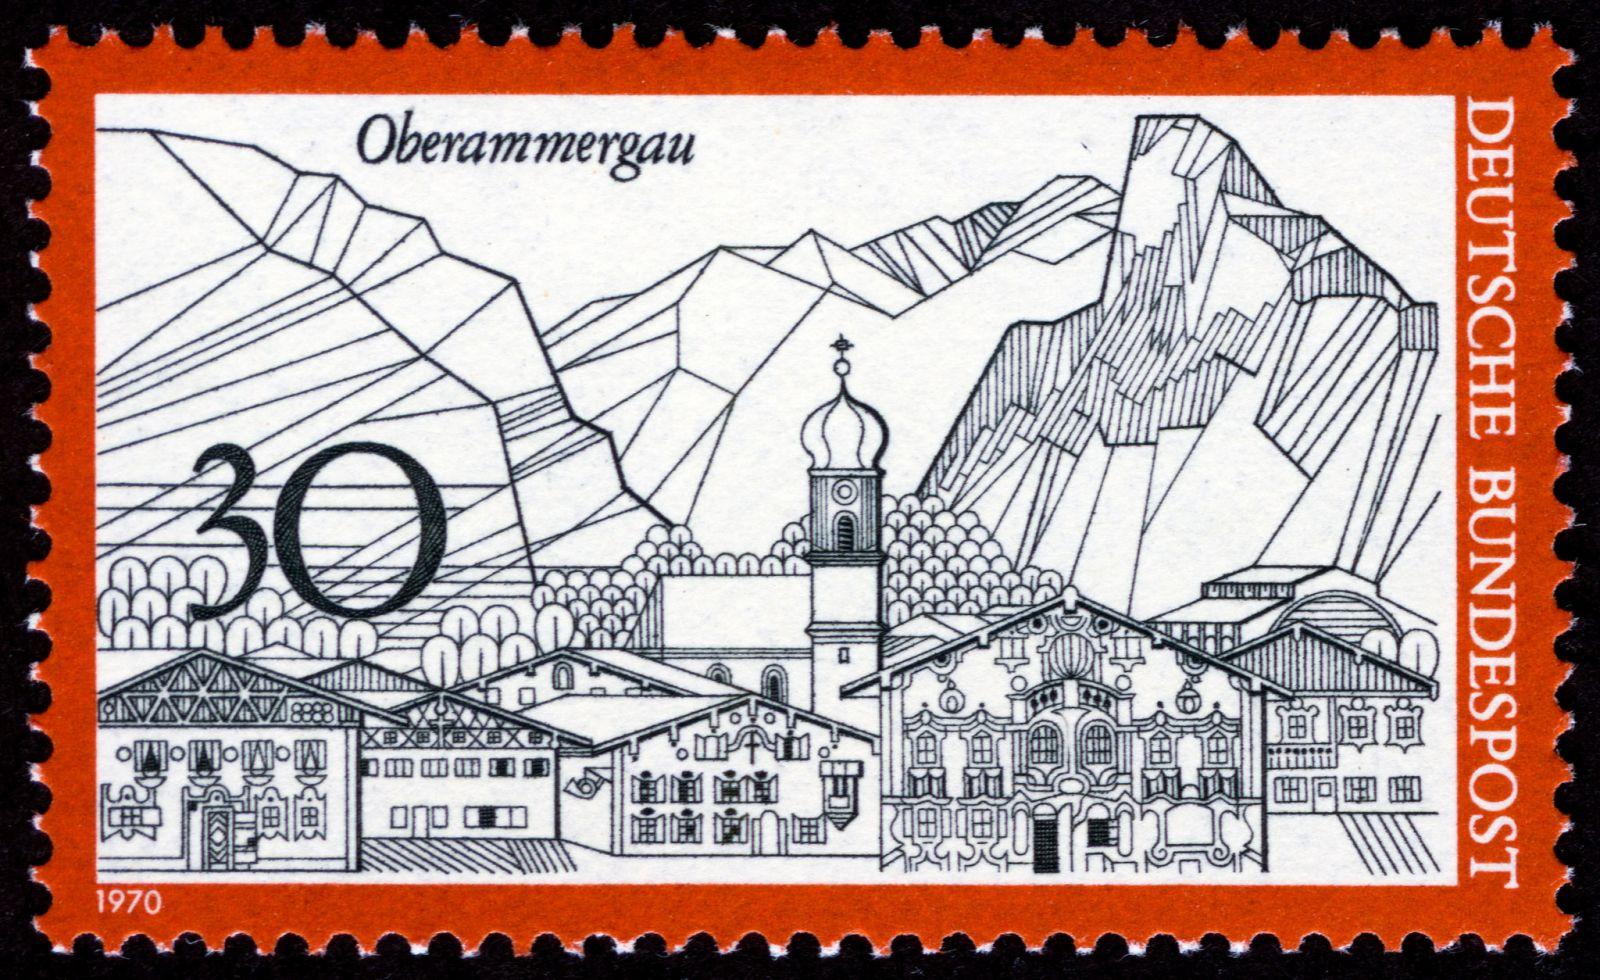 Oberammergau, 1970